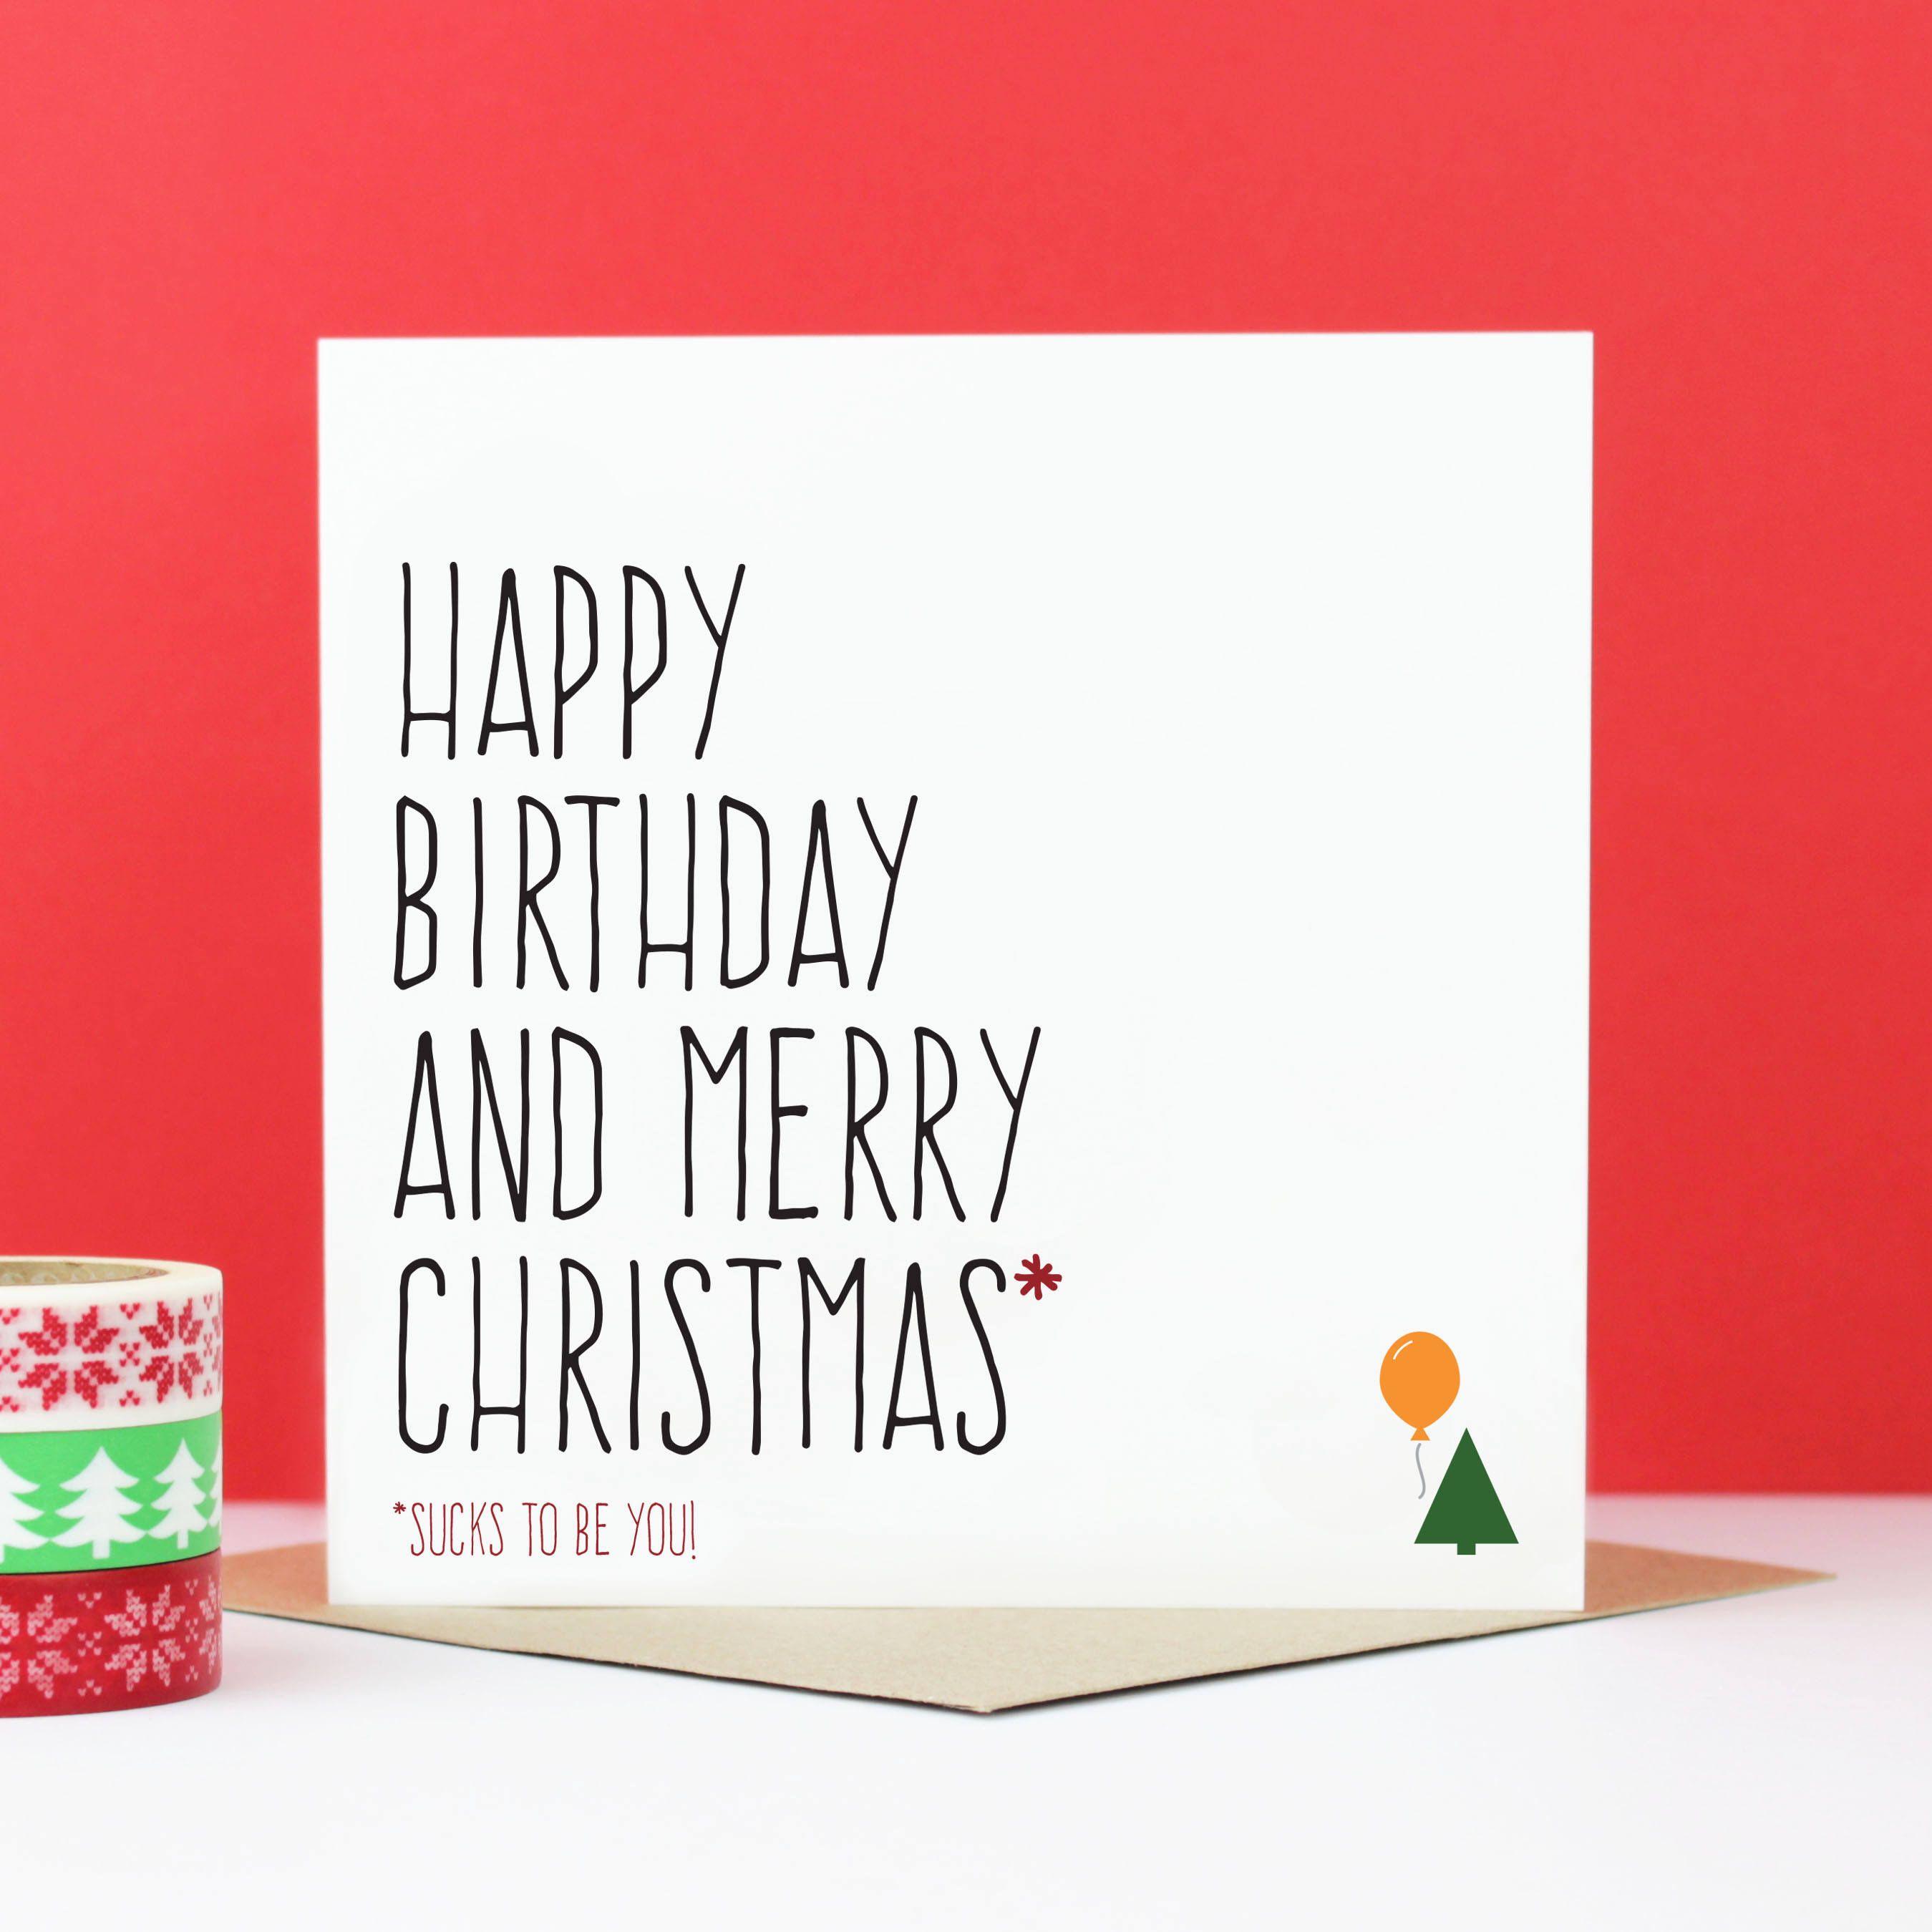 Funny Birthday Christmas Card Funny Christmas Card Happy Etsy Christmas Birthday Cards Merry Christmas Card Fun Christmas Cards